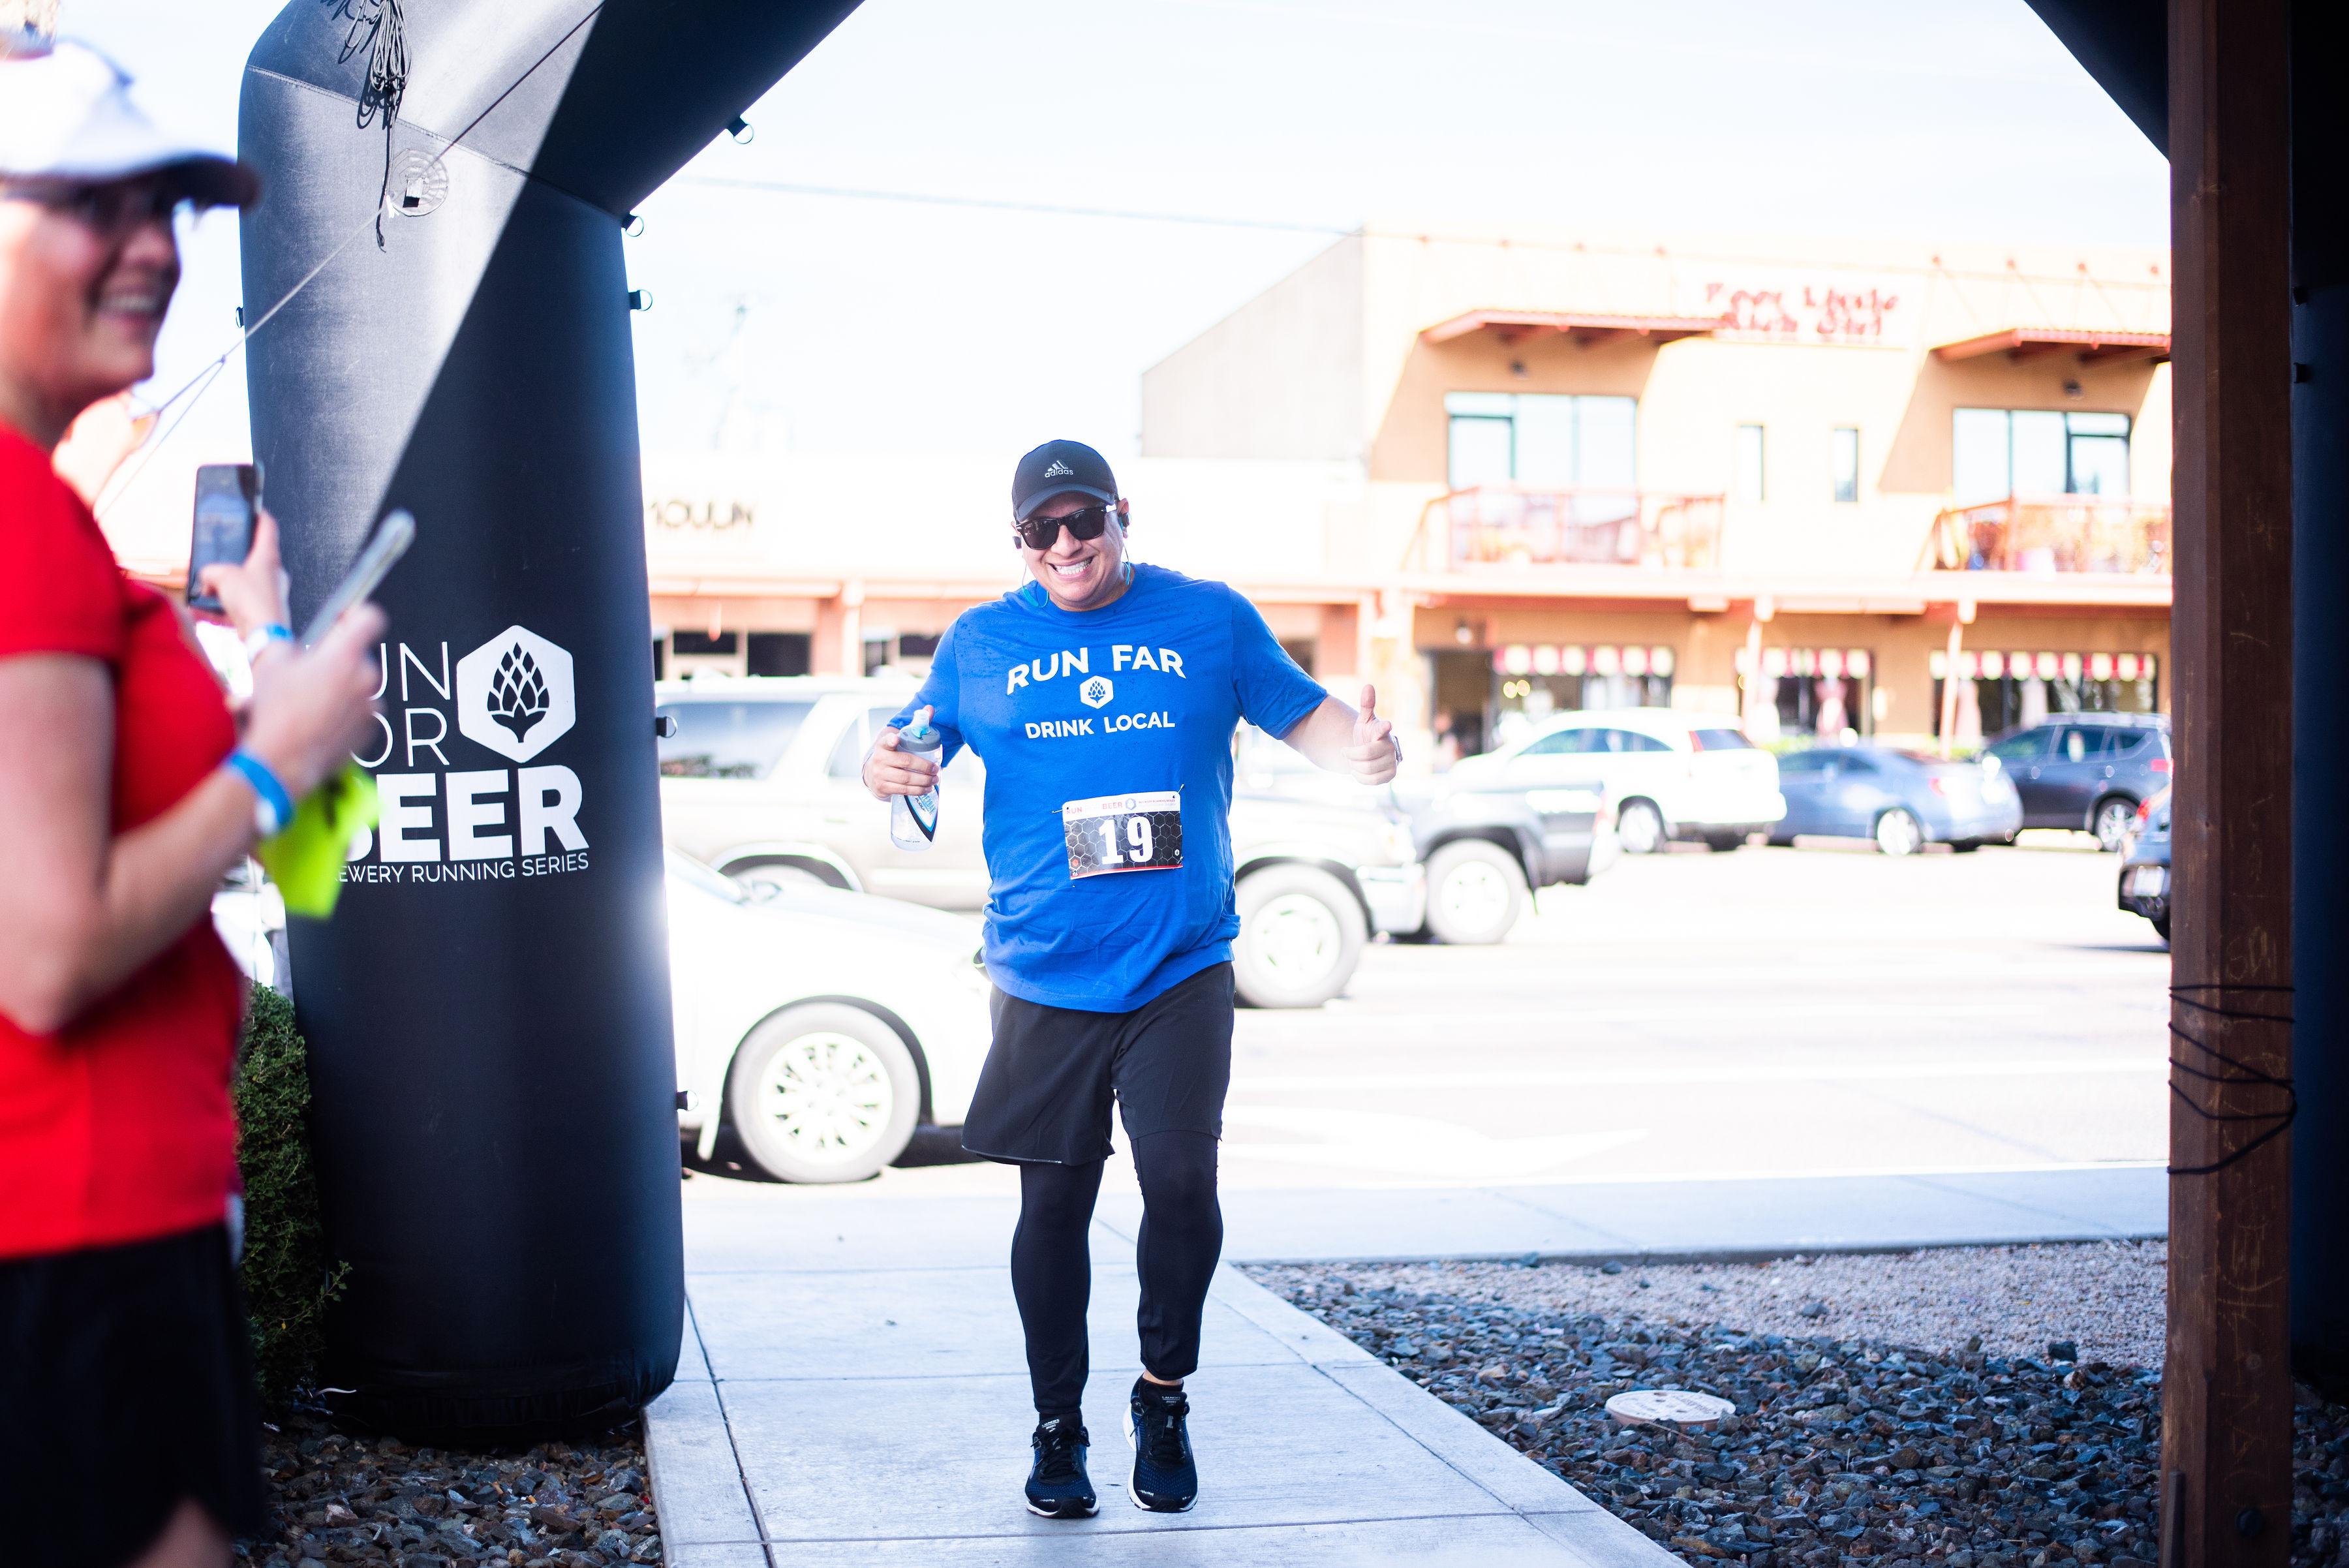 AZ Brewery Running Series